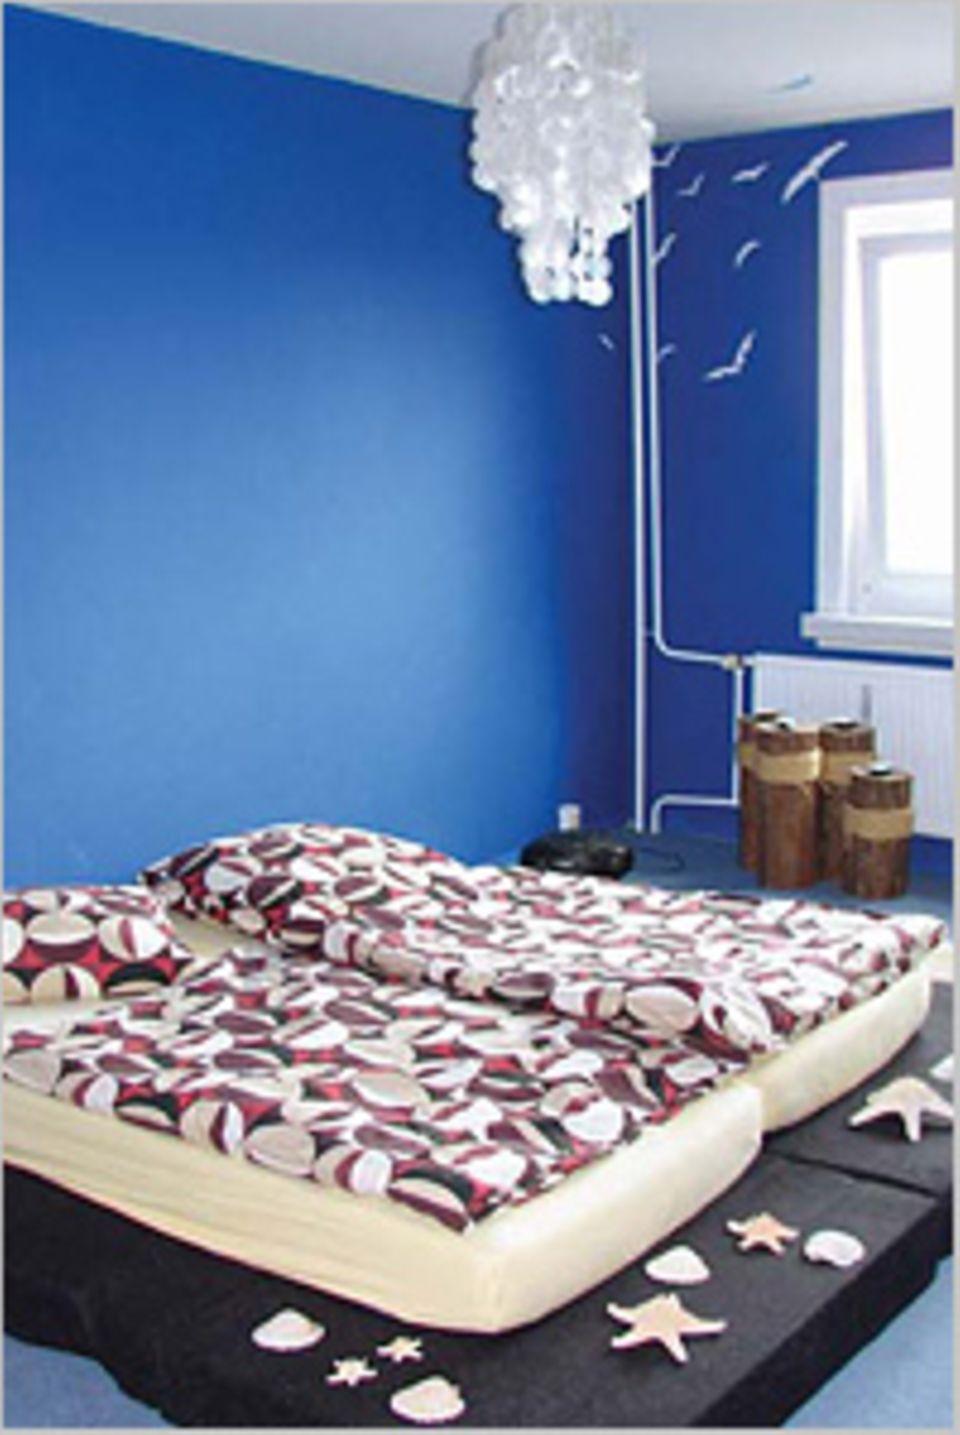 REISEIDEE: Himmlisch schlafen kann man auch in Marzahn - für unschlagbar günstige 13 Euro pro Nacht